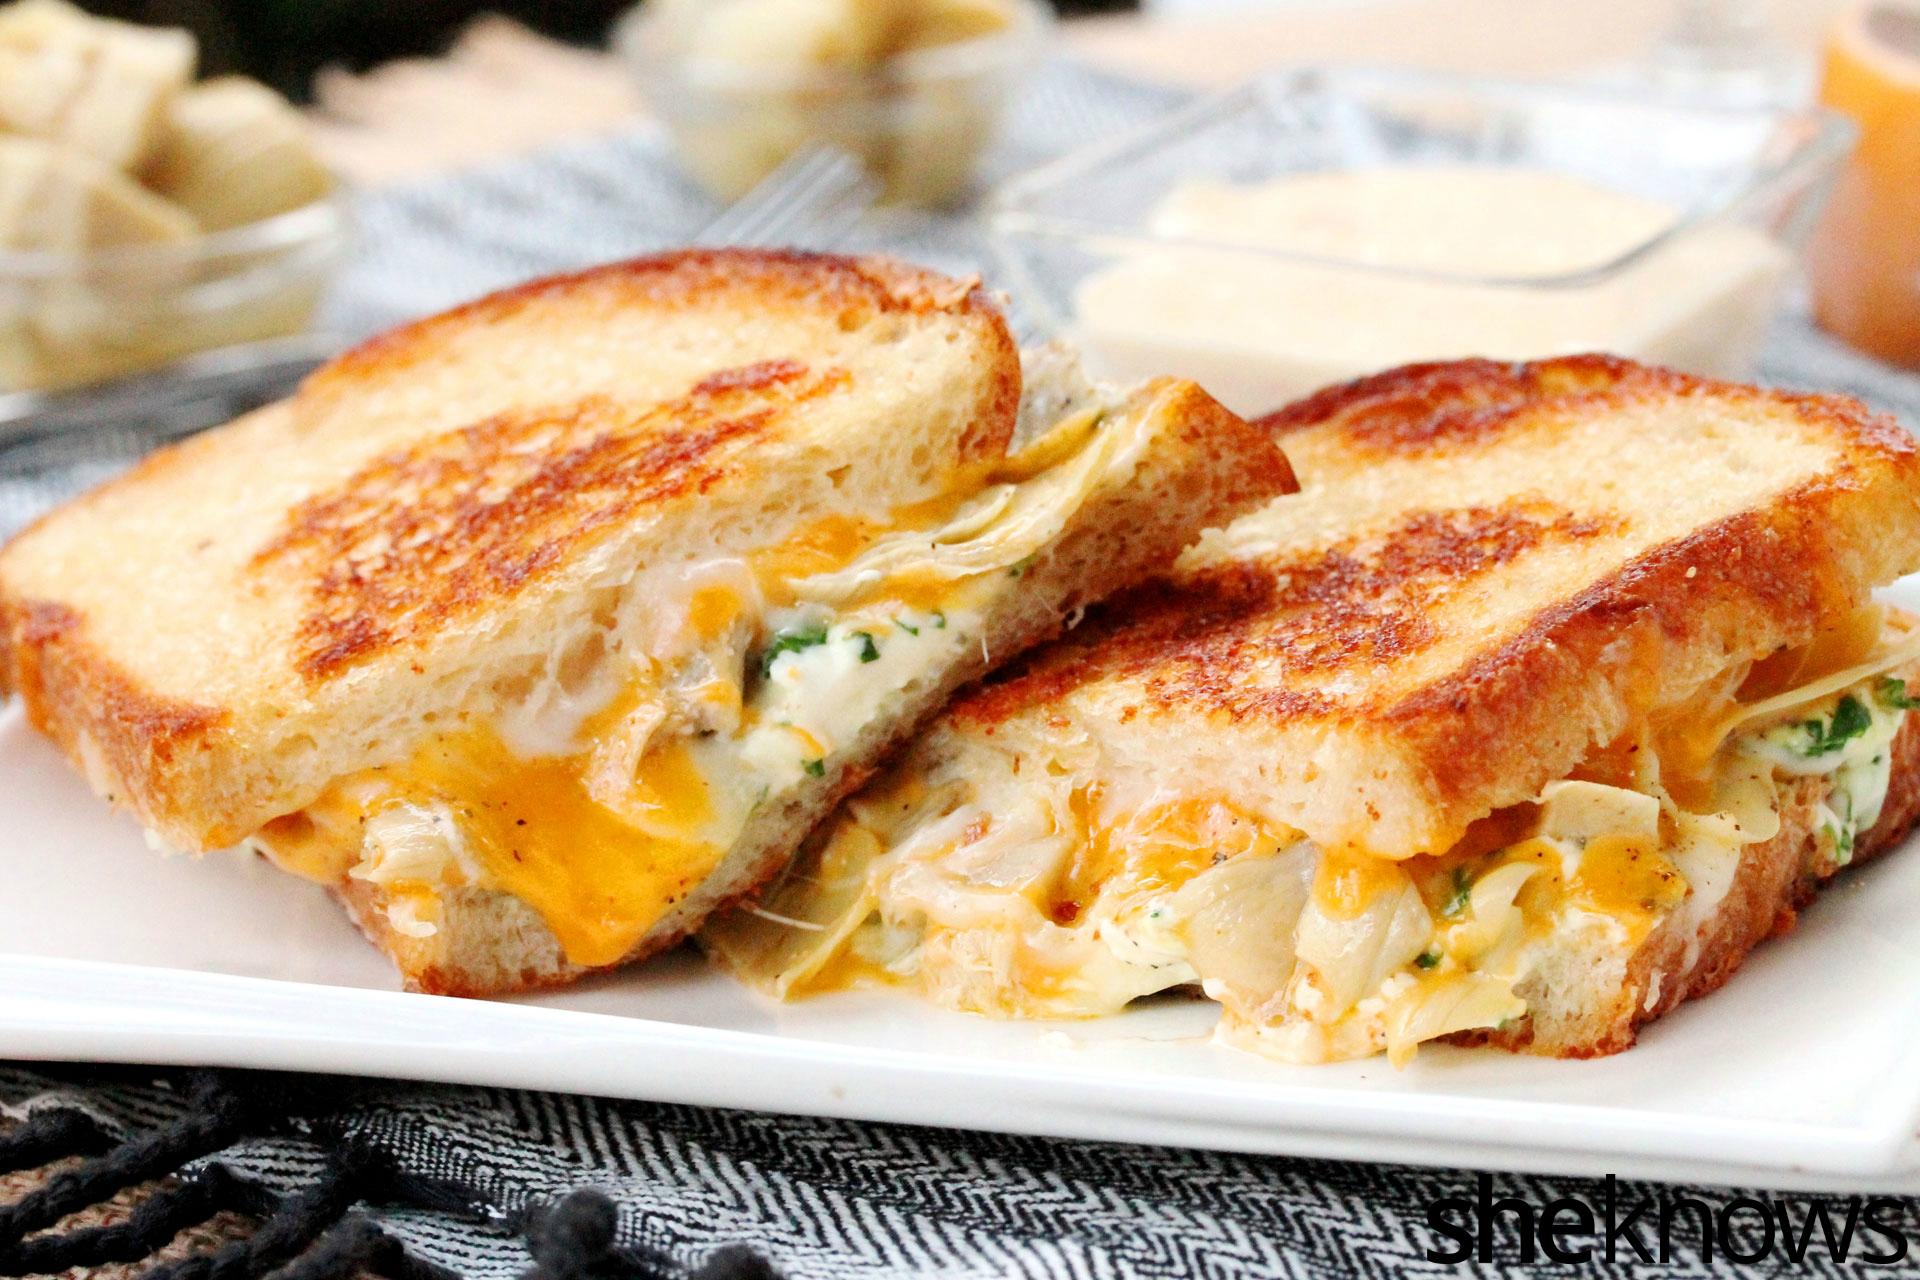 Artichoke heart grilled cheese sandwich